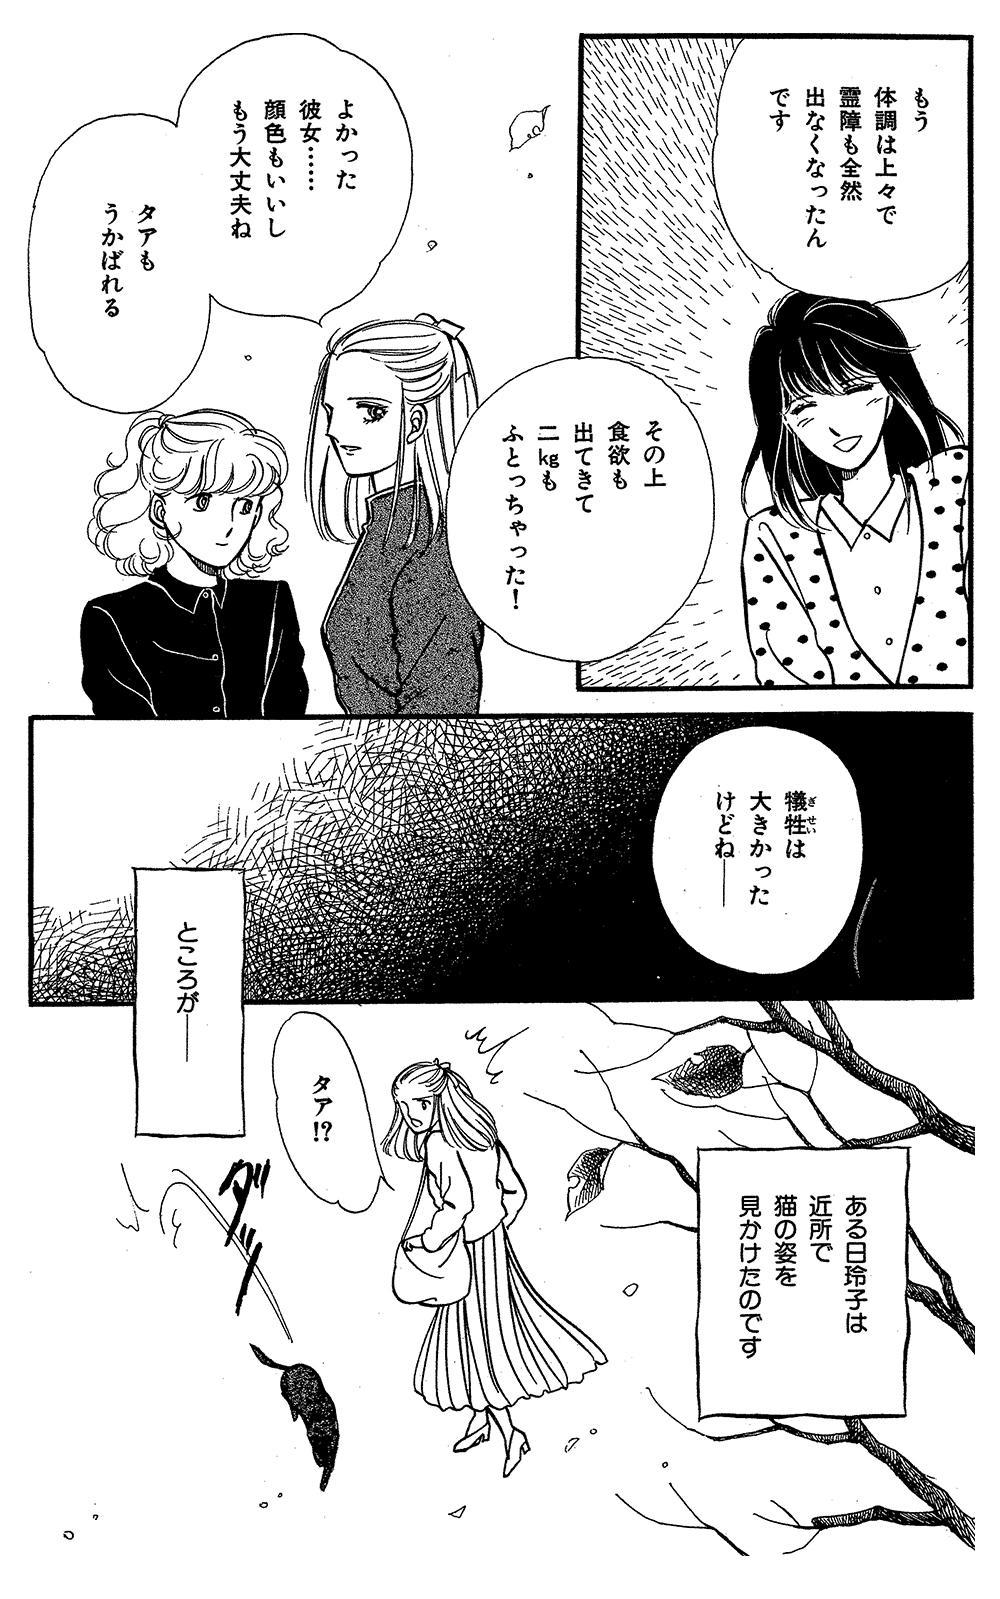 魔百合の恐怖報告  第3話「消えた黒猫」③mayuri09-08.jpg